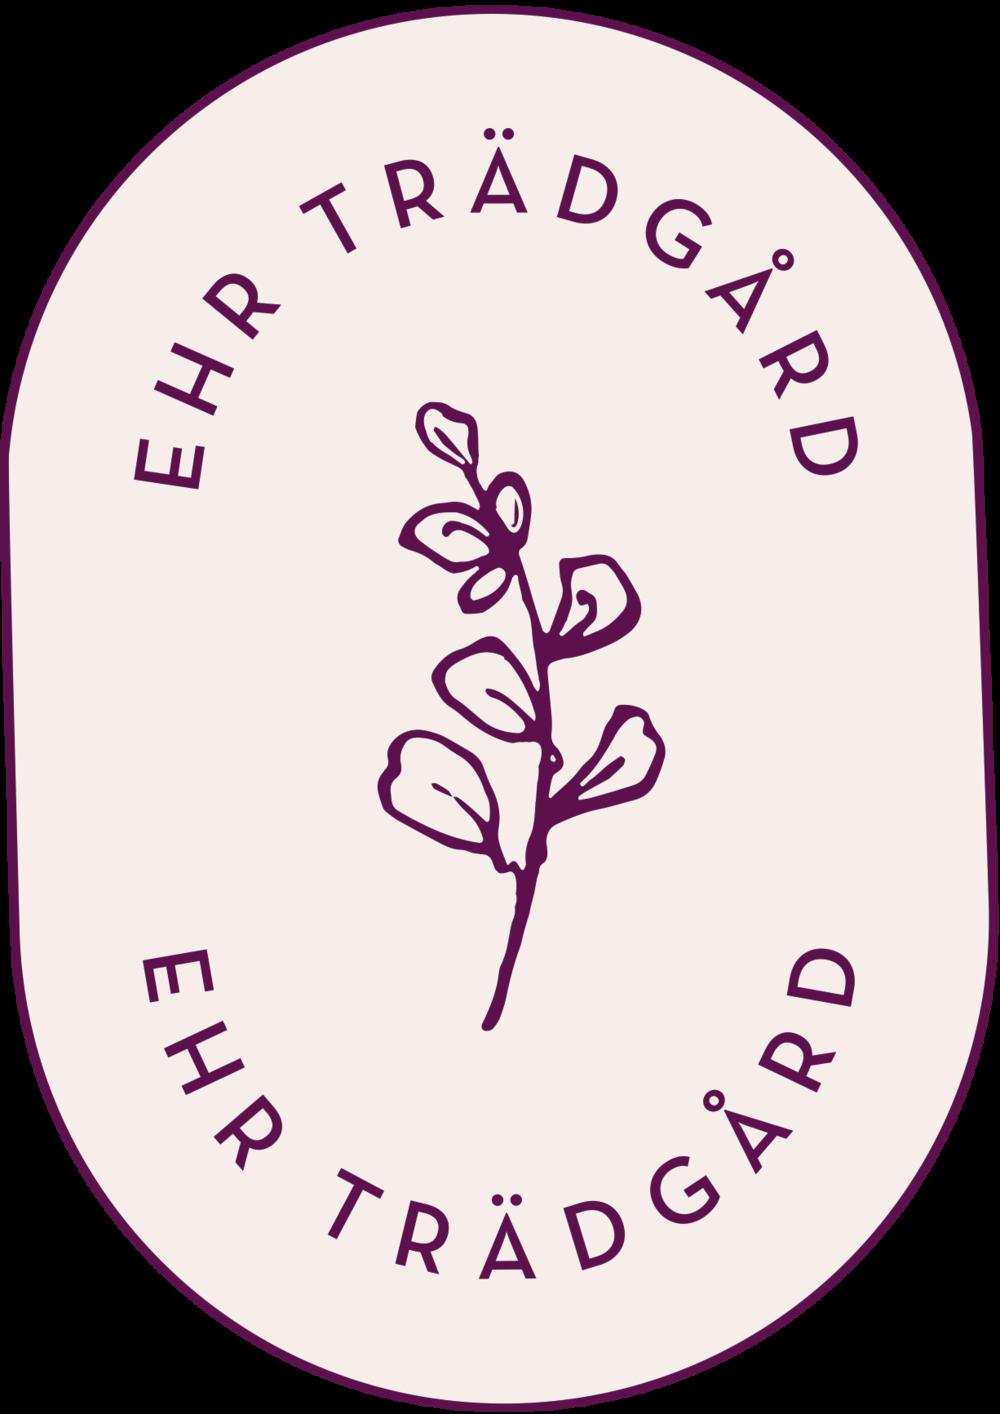 EhrTradgard_symbol_vinrod_ljusrosa.png